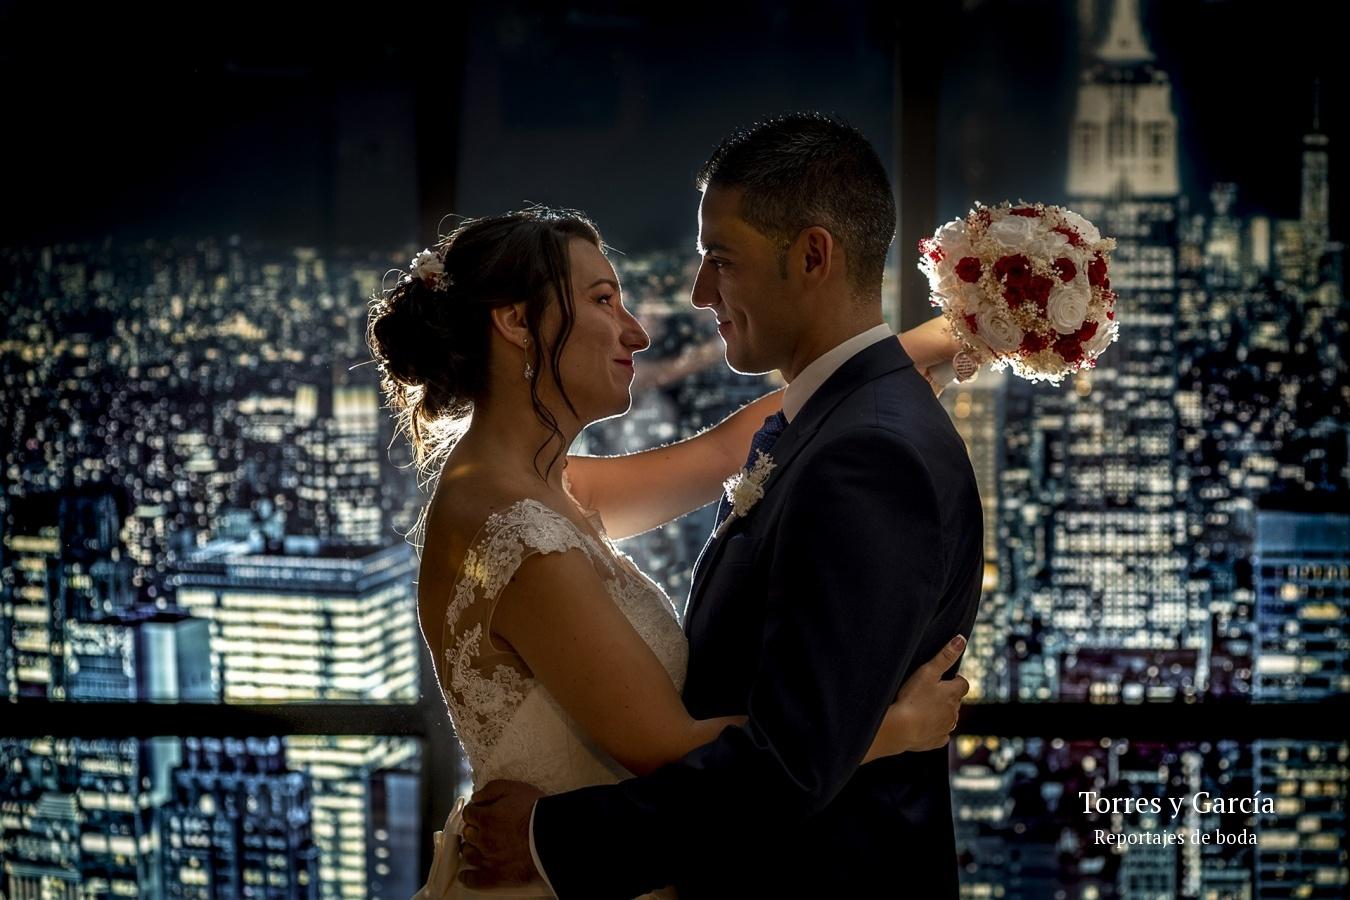 el skyline de Nueva York - Fotografías - Libros y reportajes de boda diferentes.